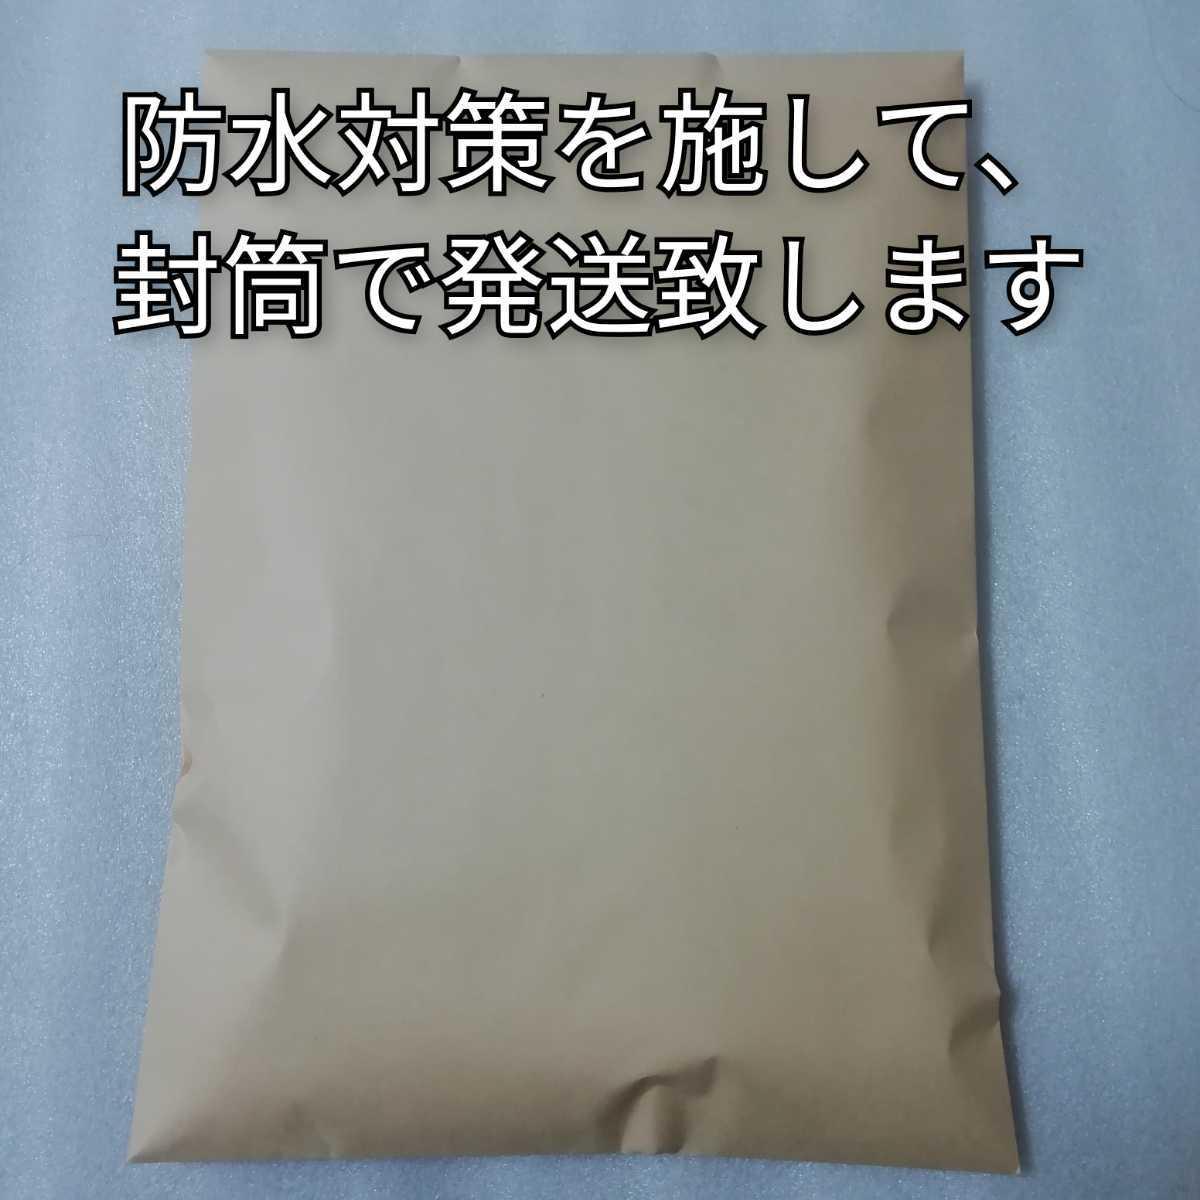 2種類20袋セット 澤井珈琲 ドリップコーヒー ビクトリーブレンド  ブレンドフォルテシモ 通販 送料無料_画像2